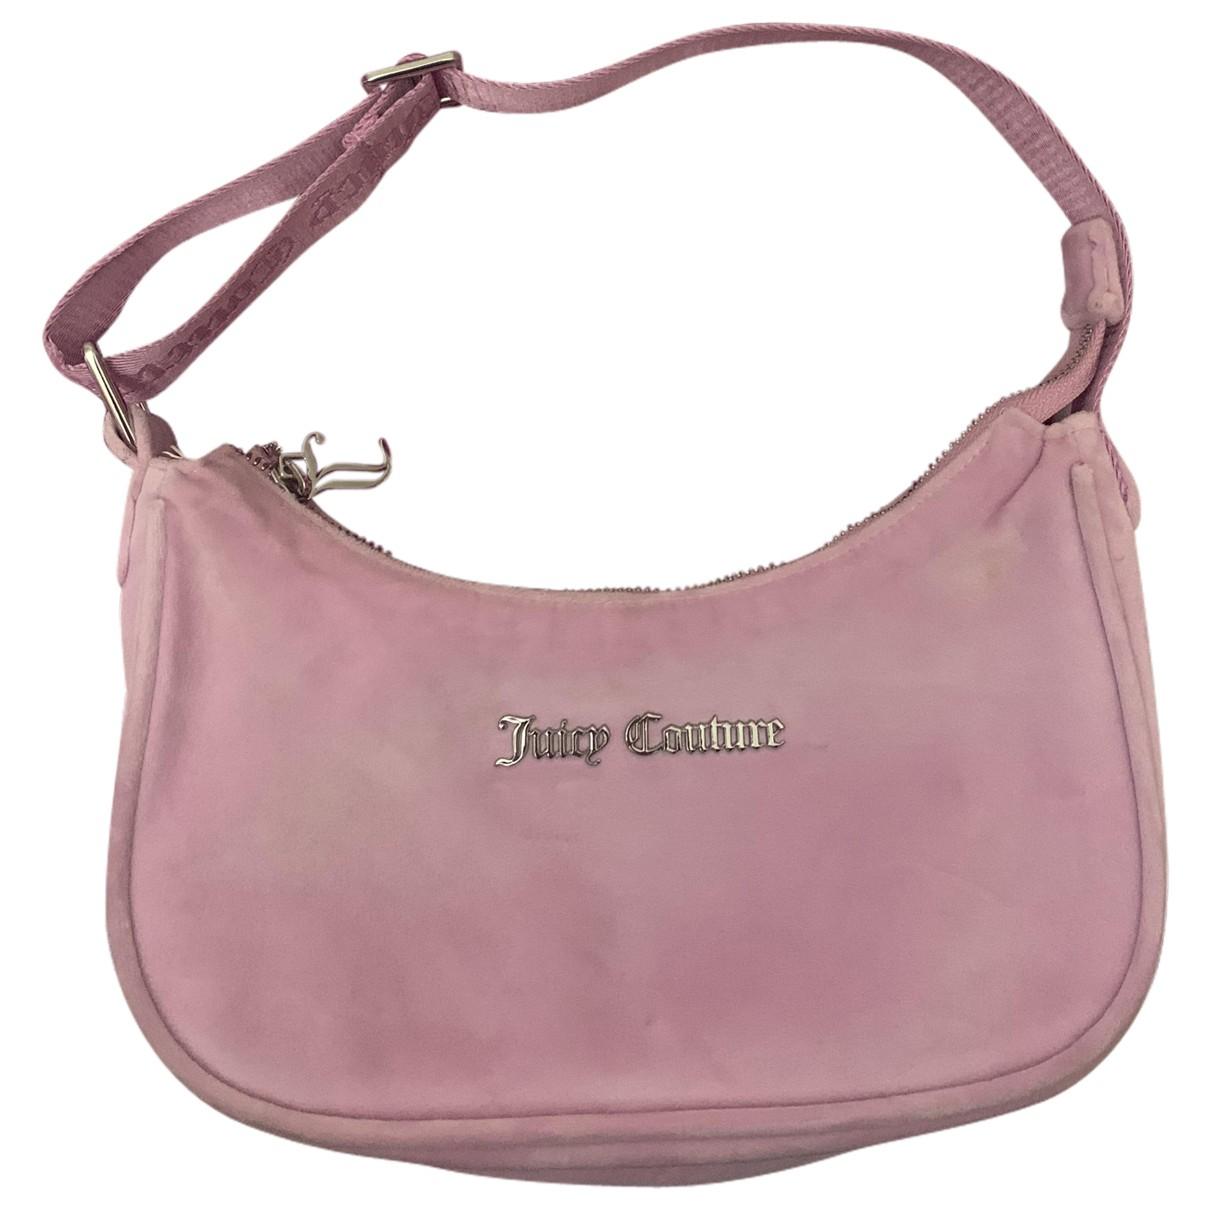 Juicy Couture - Sac a main   pour femme en velours - rose